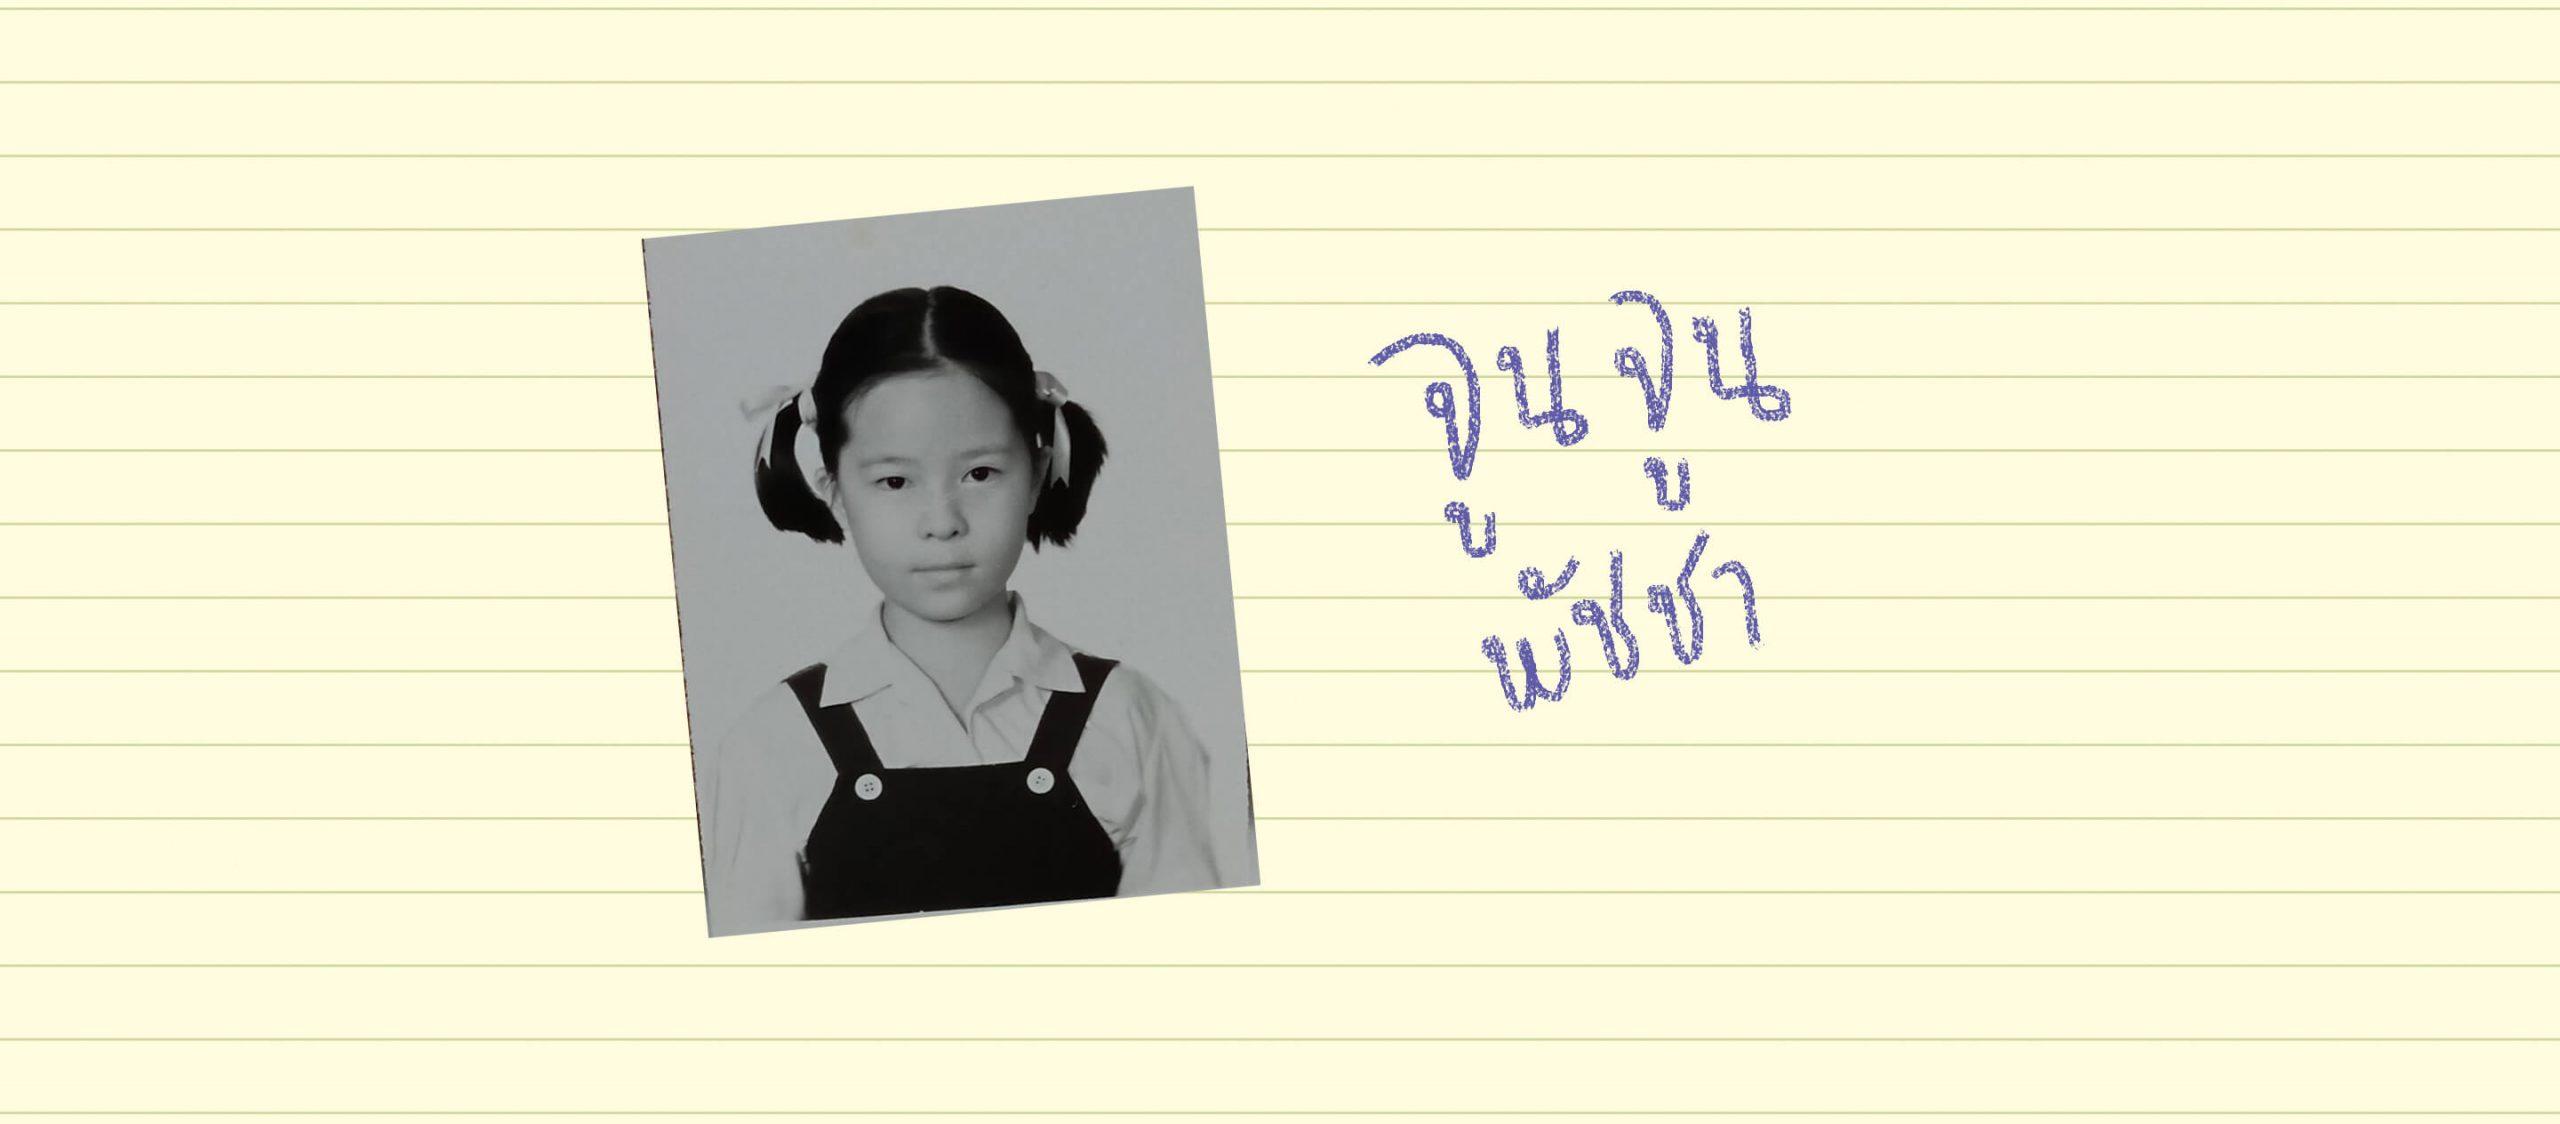 สิ่งที่จูนจูน พัชชา เรียนรู้จากมหาวิทยาลัย